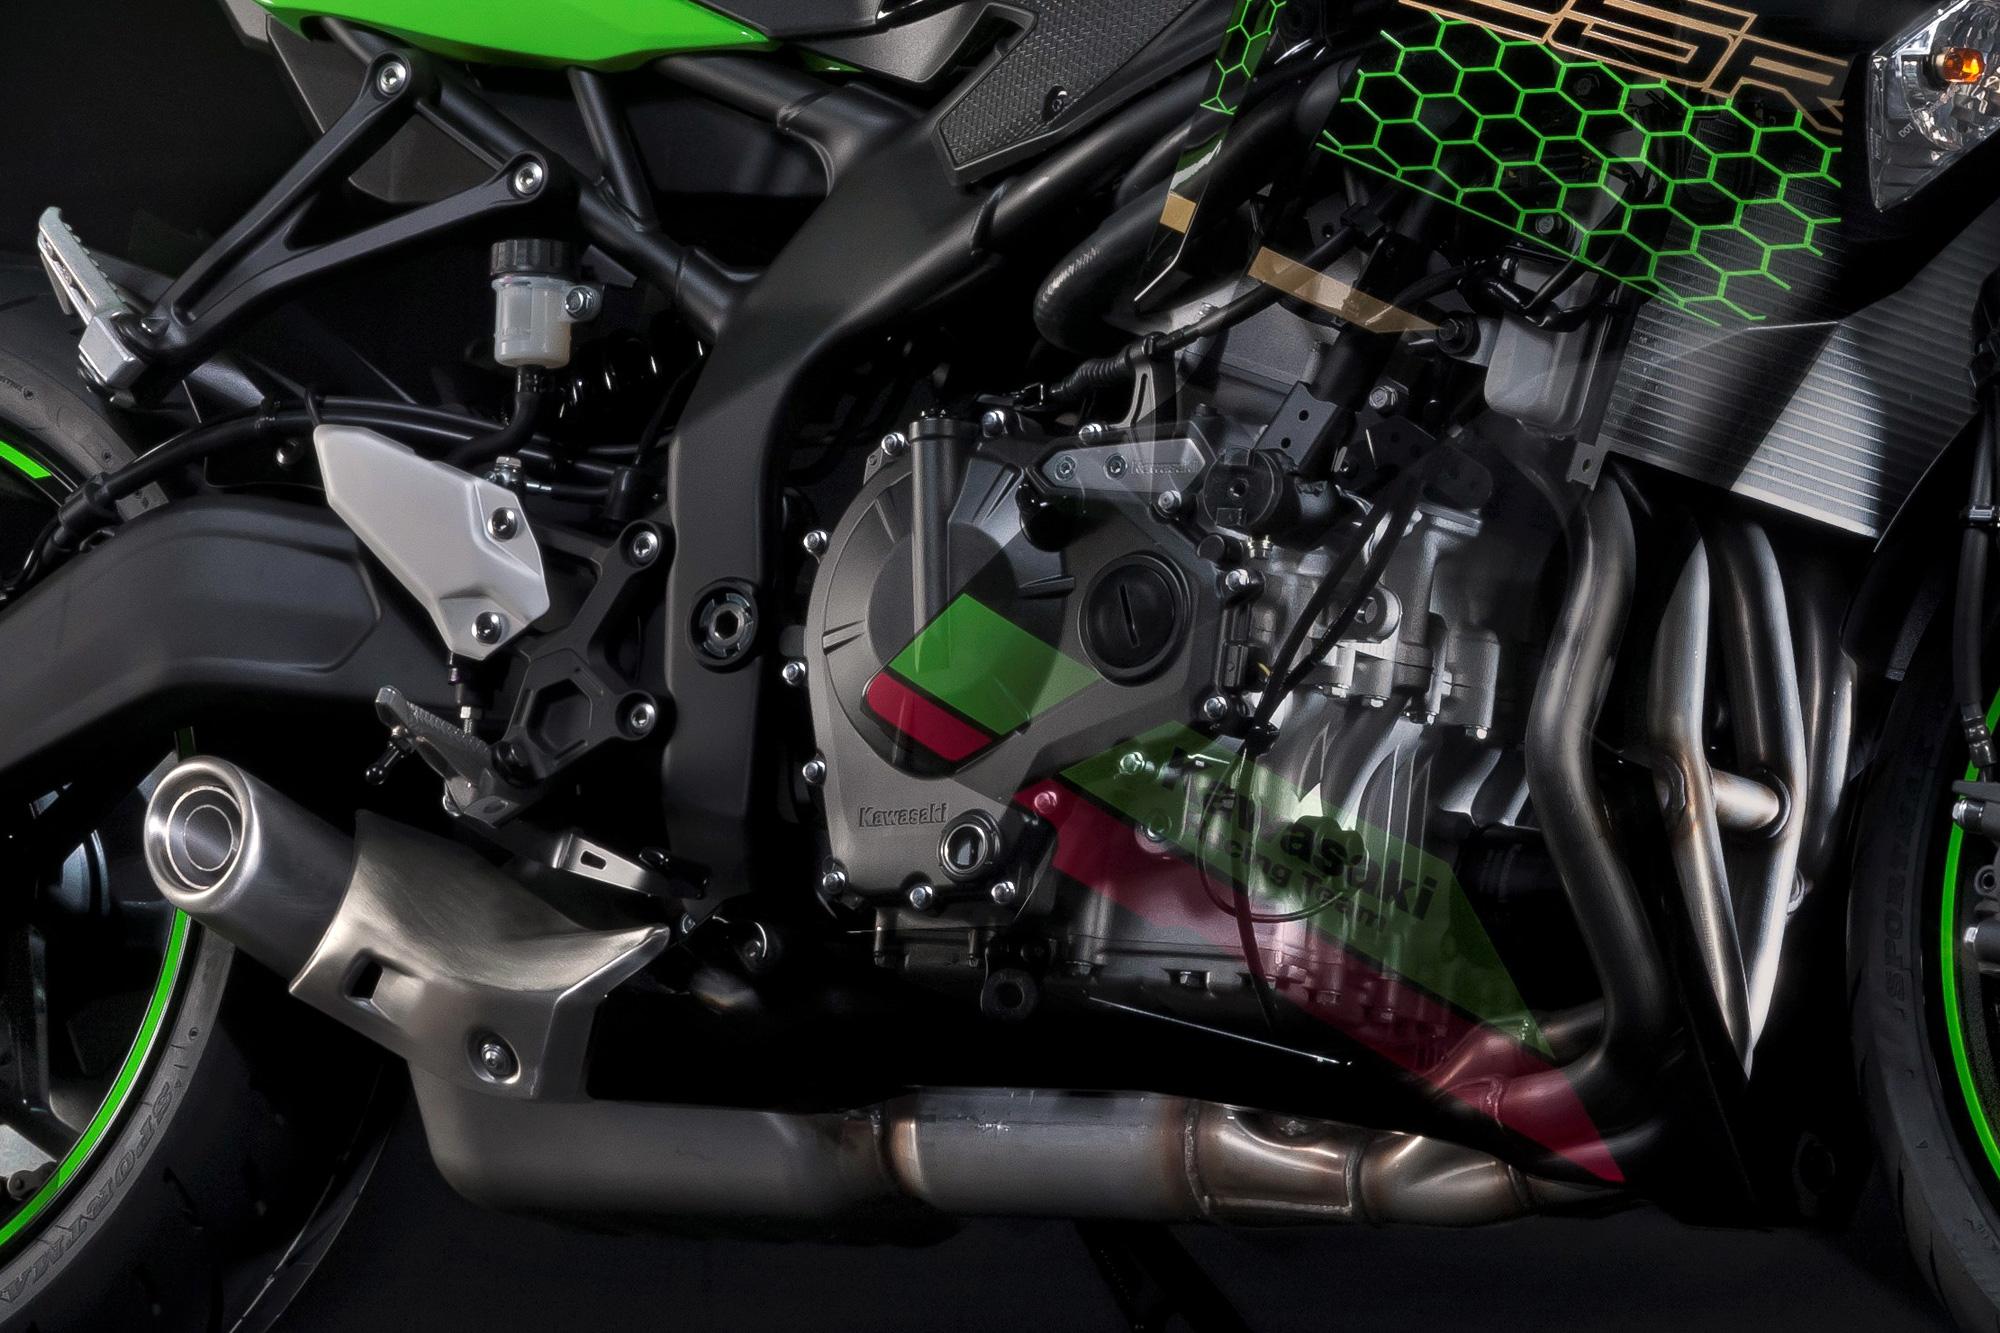 東京モーターショー2019 Ninja ZX-25R エンジン